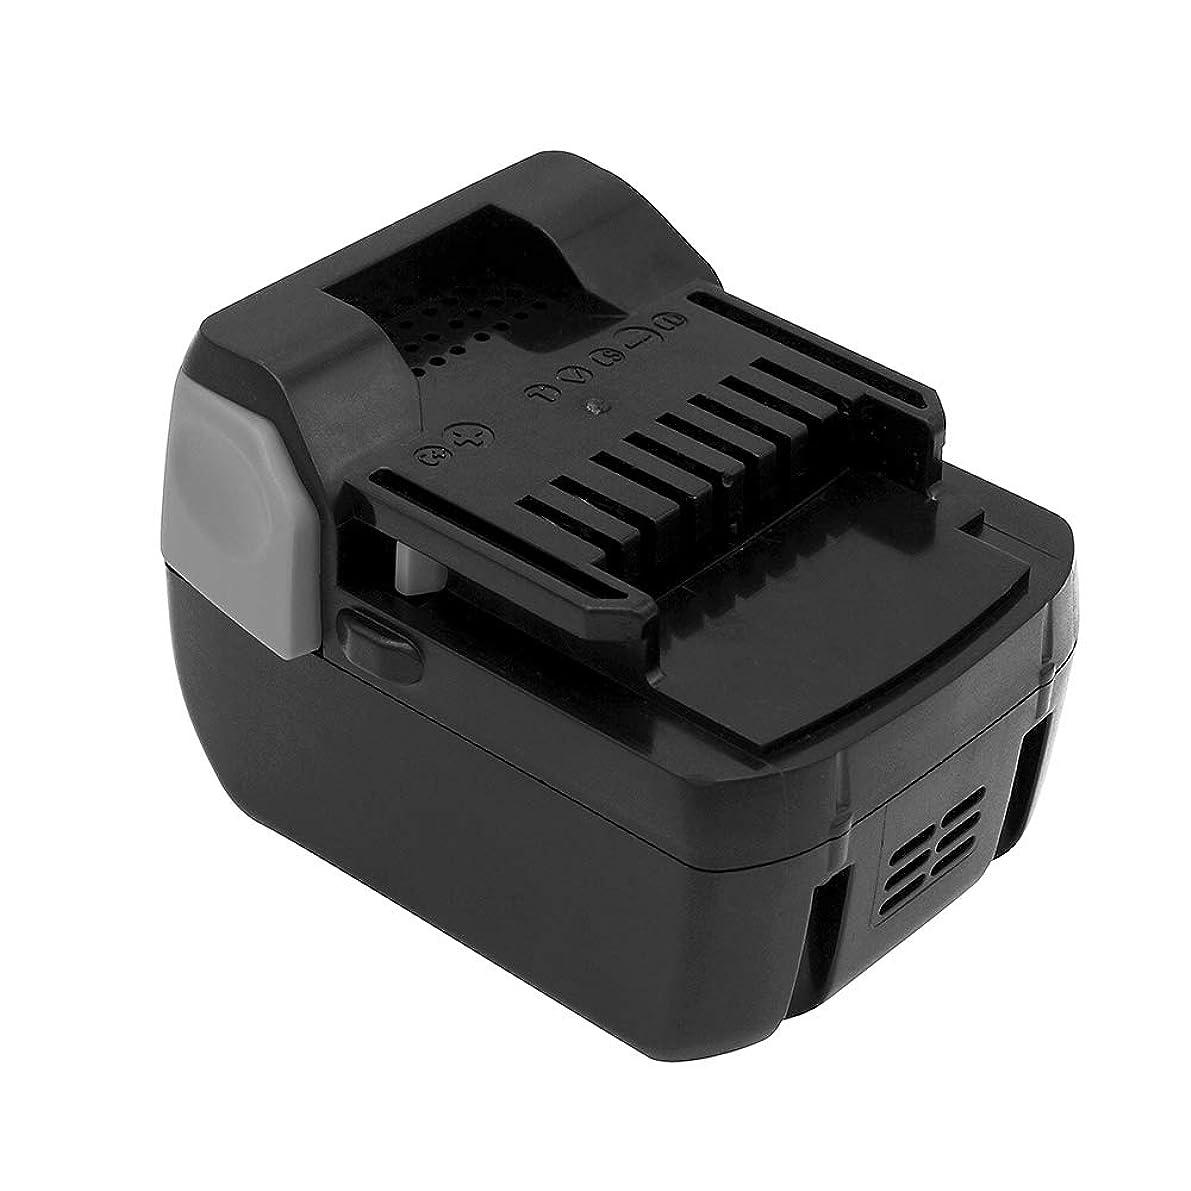 正確な豚急ぐ【THiSS】日立 BSL1460 14.4V 6.0Ah バッテリー 互換 6000mAh Hitachi BSL1415 BSL1440 BSL1450 329083 329877 329901に対応 リチウムイオン電池 電動工具用 1年間保証